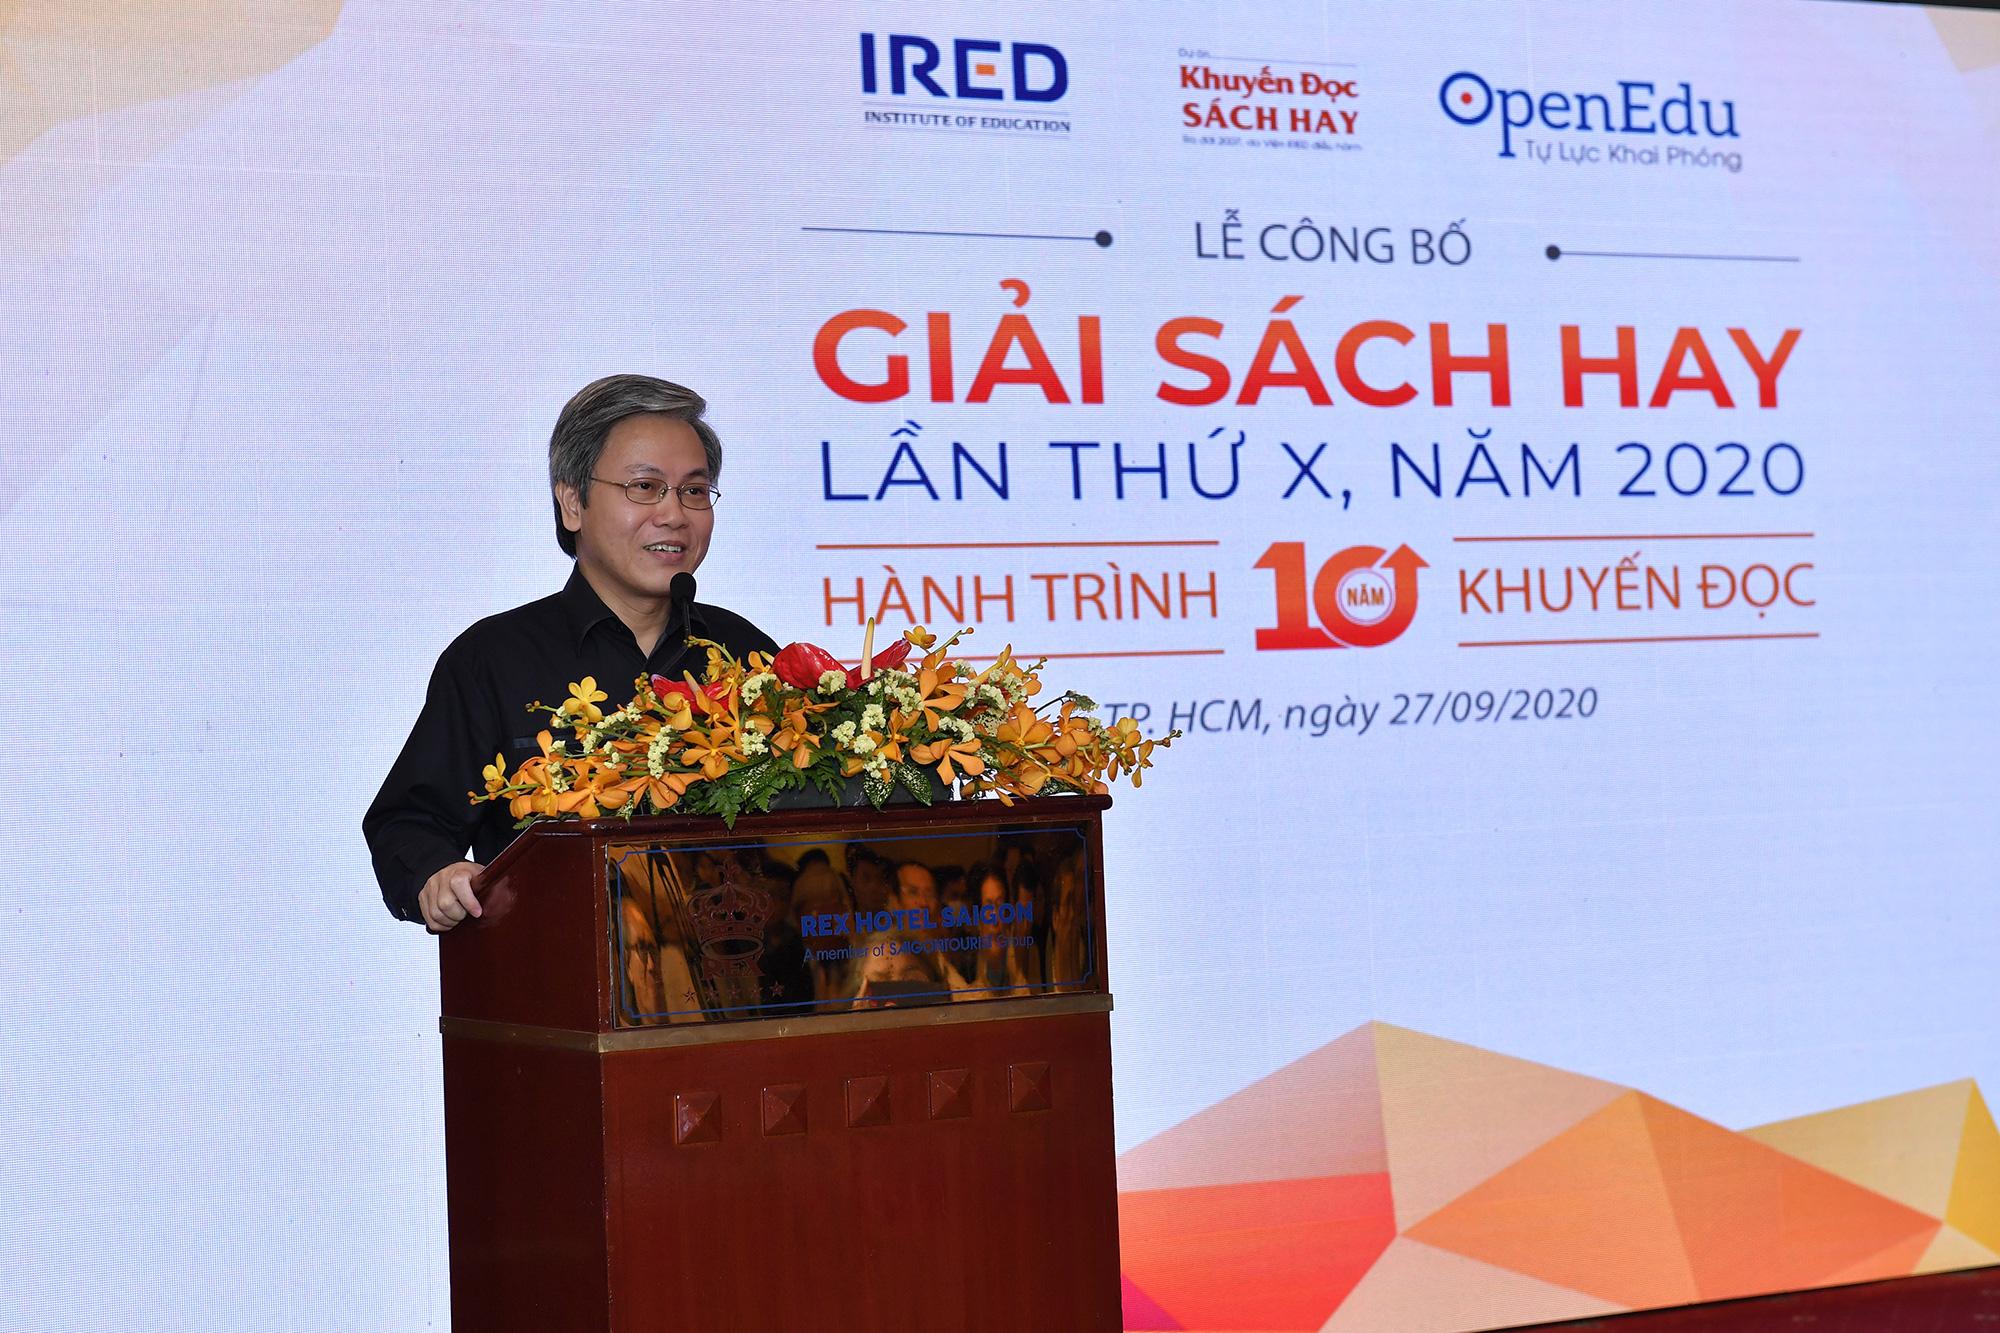 Nhà văn Trần Thùy Mai nhận giải Sách hay 2020 với bộ sách Từ Dụ Thái Hậu  - Ảnh 6.